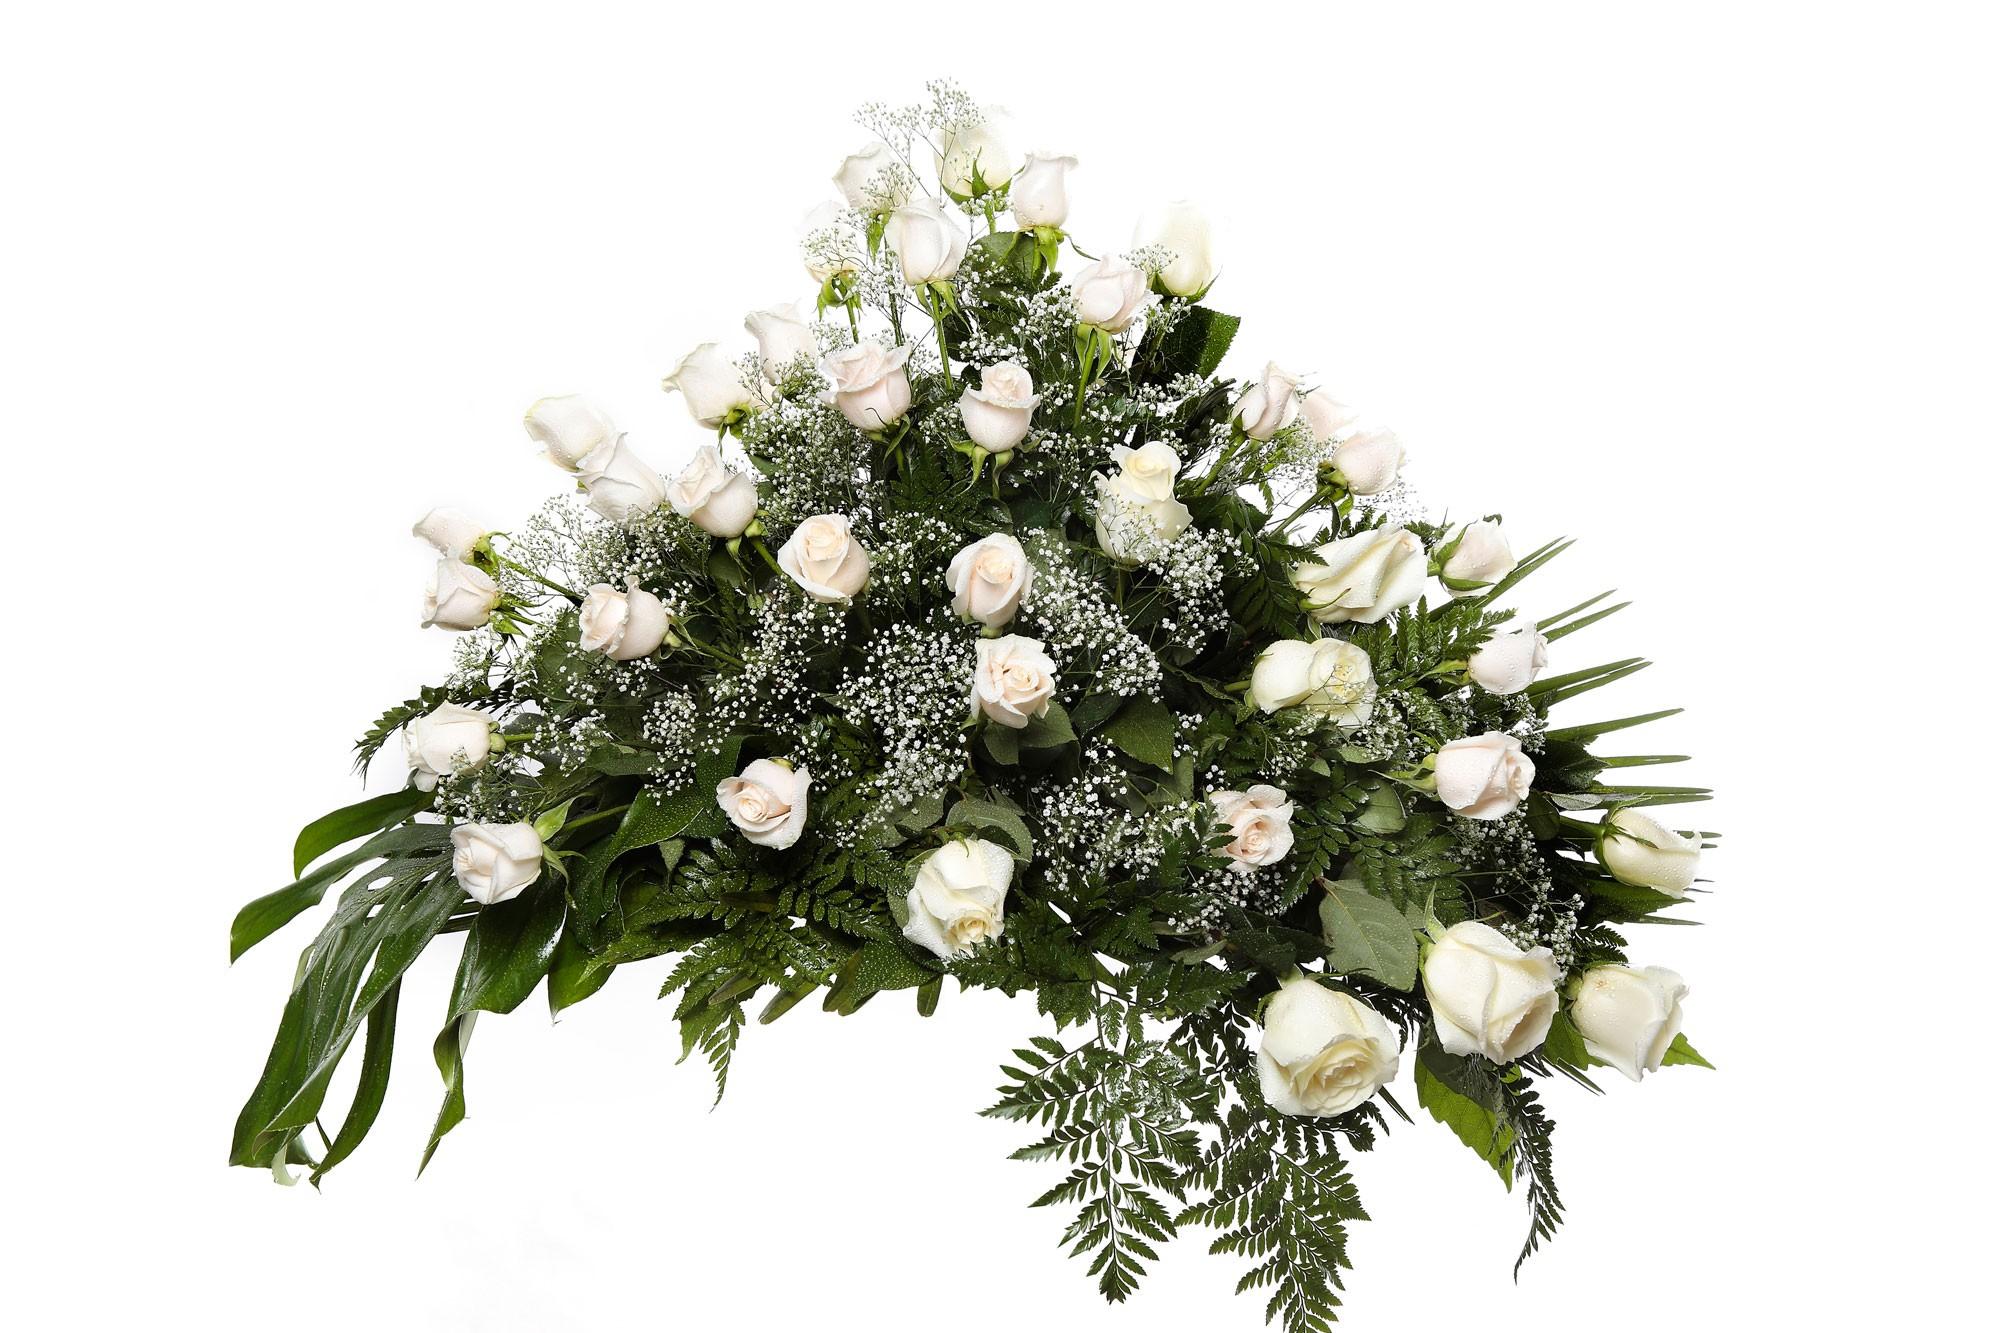 Palma flores tanatorio 10 K